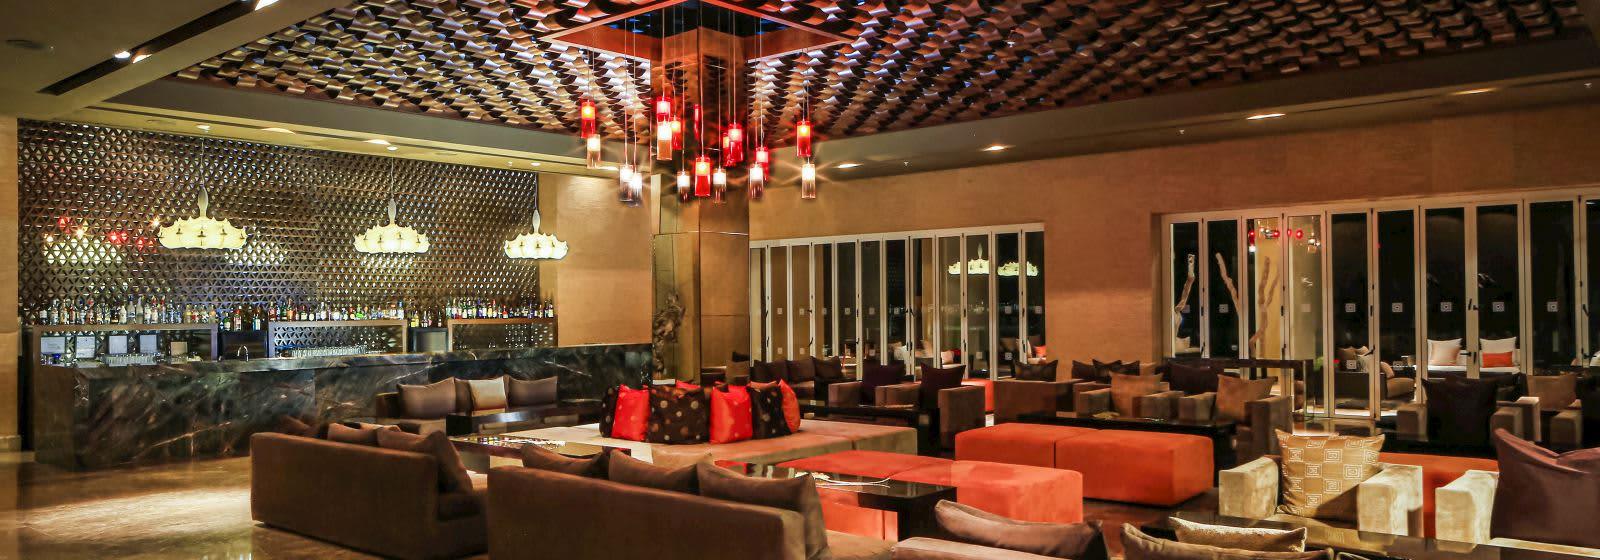 Grand Velas Riviera Maya - Restaurante Sen Lin